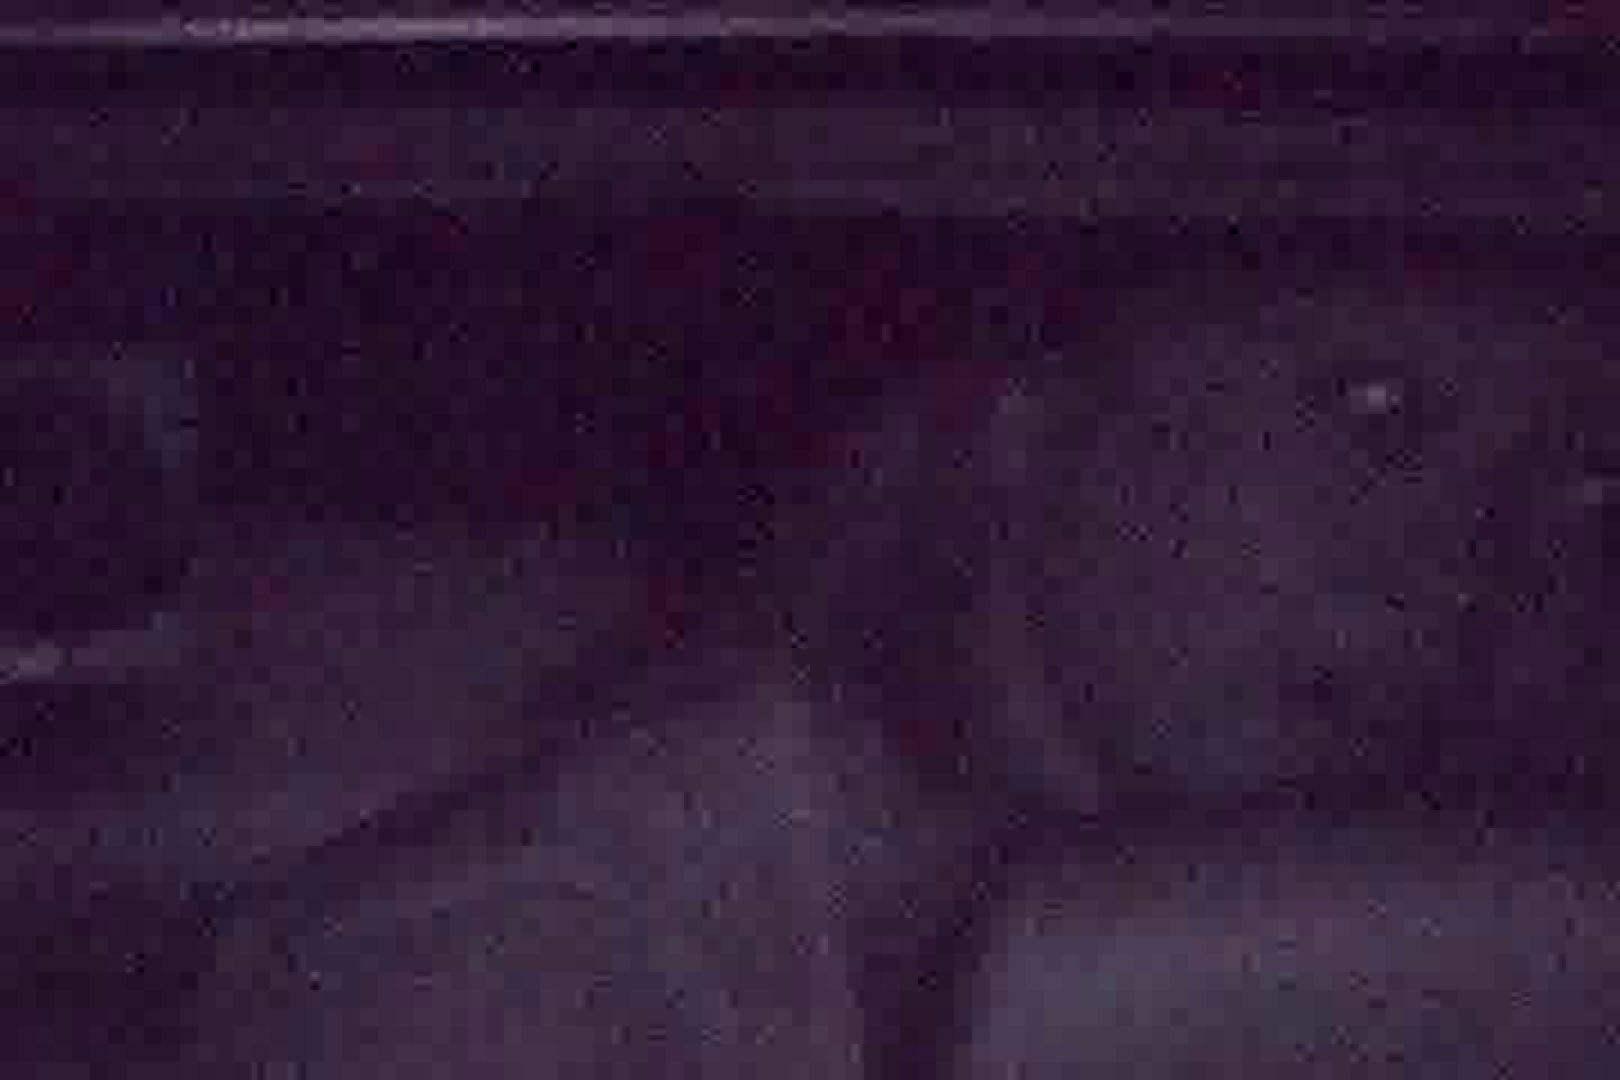 充血監督の深夜の運動会Vol.115 OLエロ画像 | 0  77PICs 13